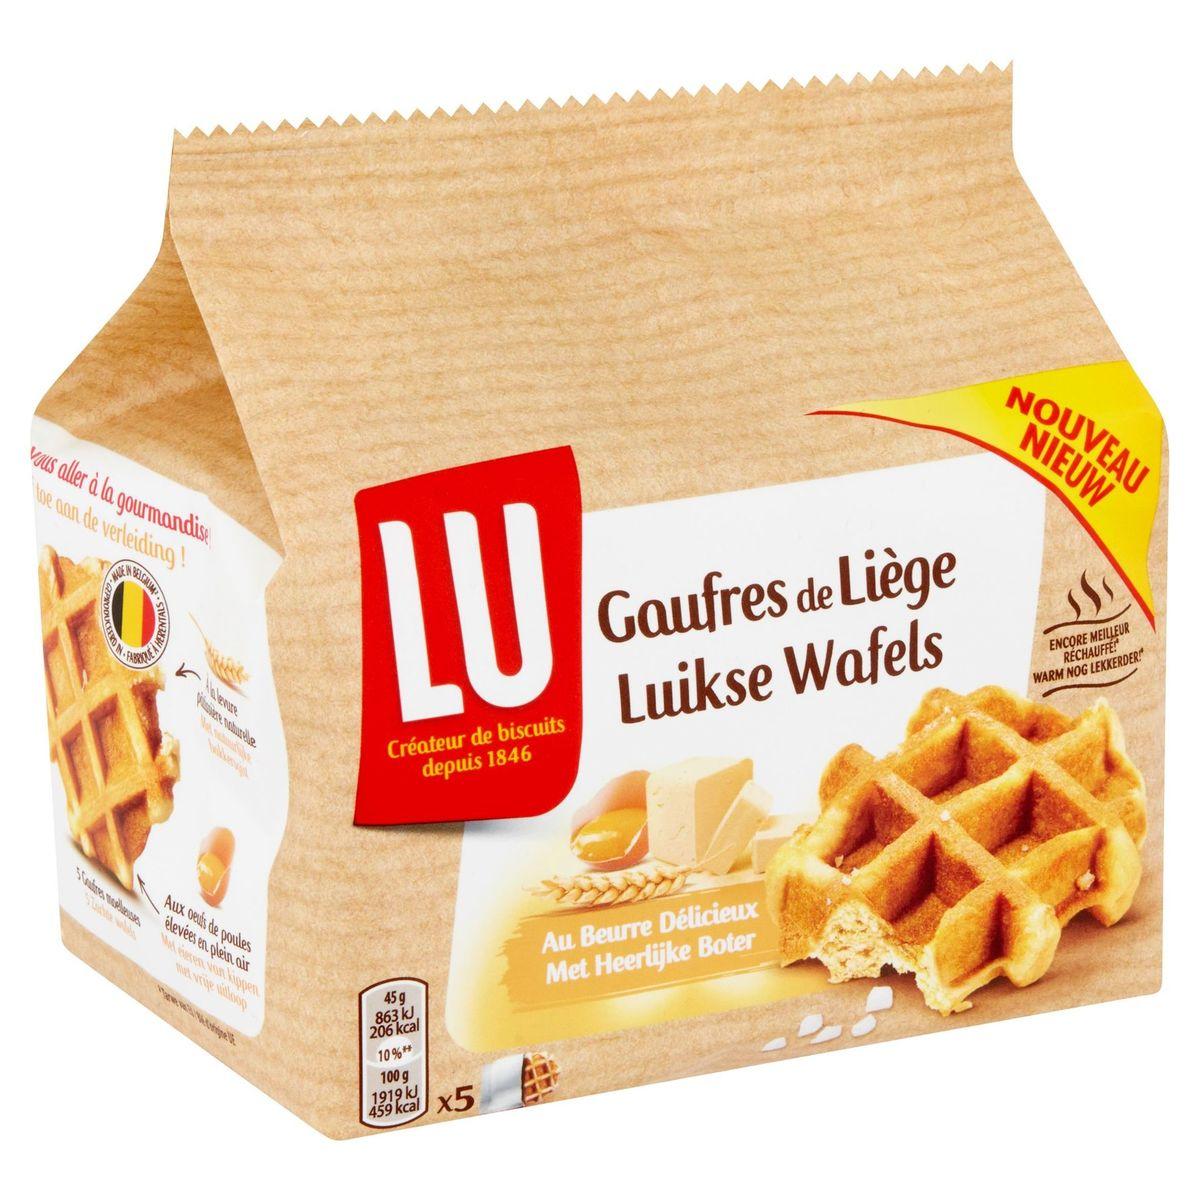 LU Gaufres de Liège au Beurre Délicieux 225 g